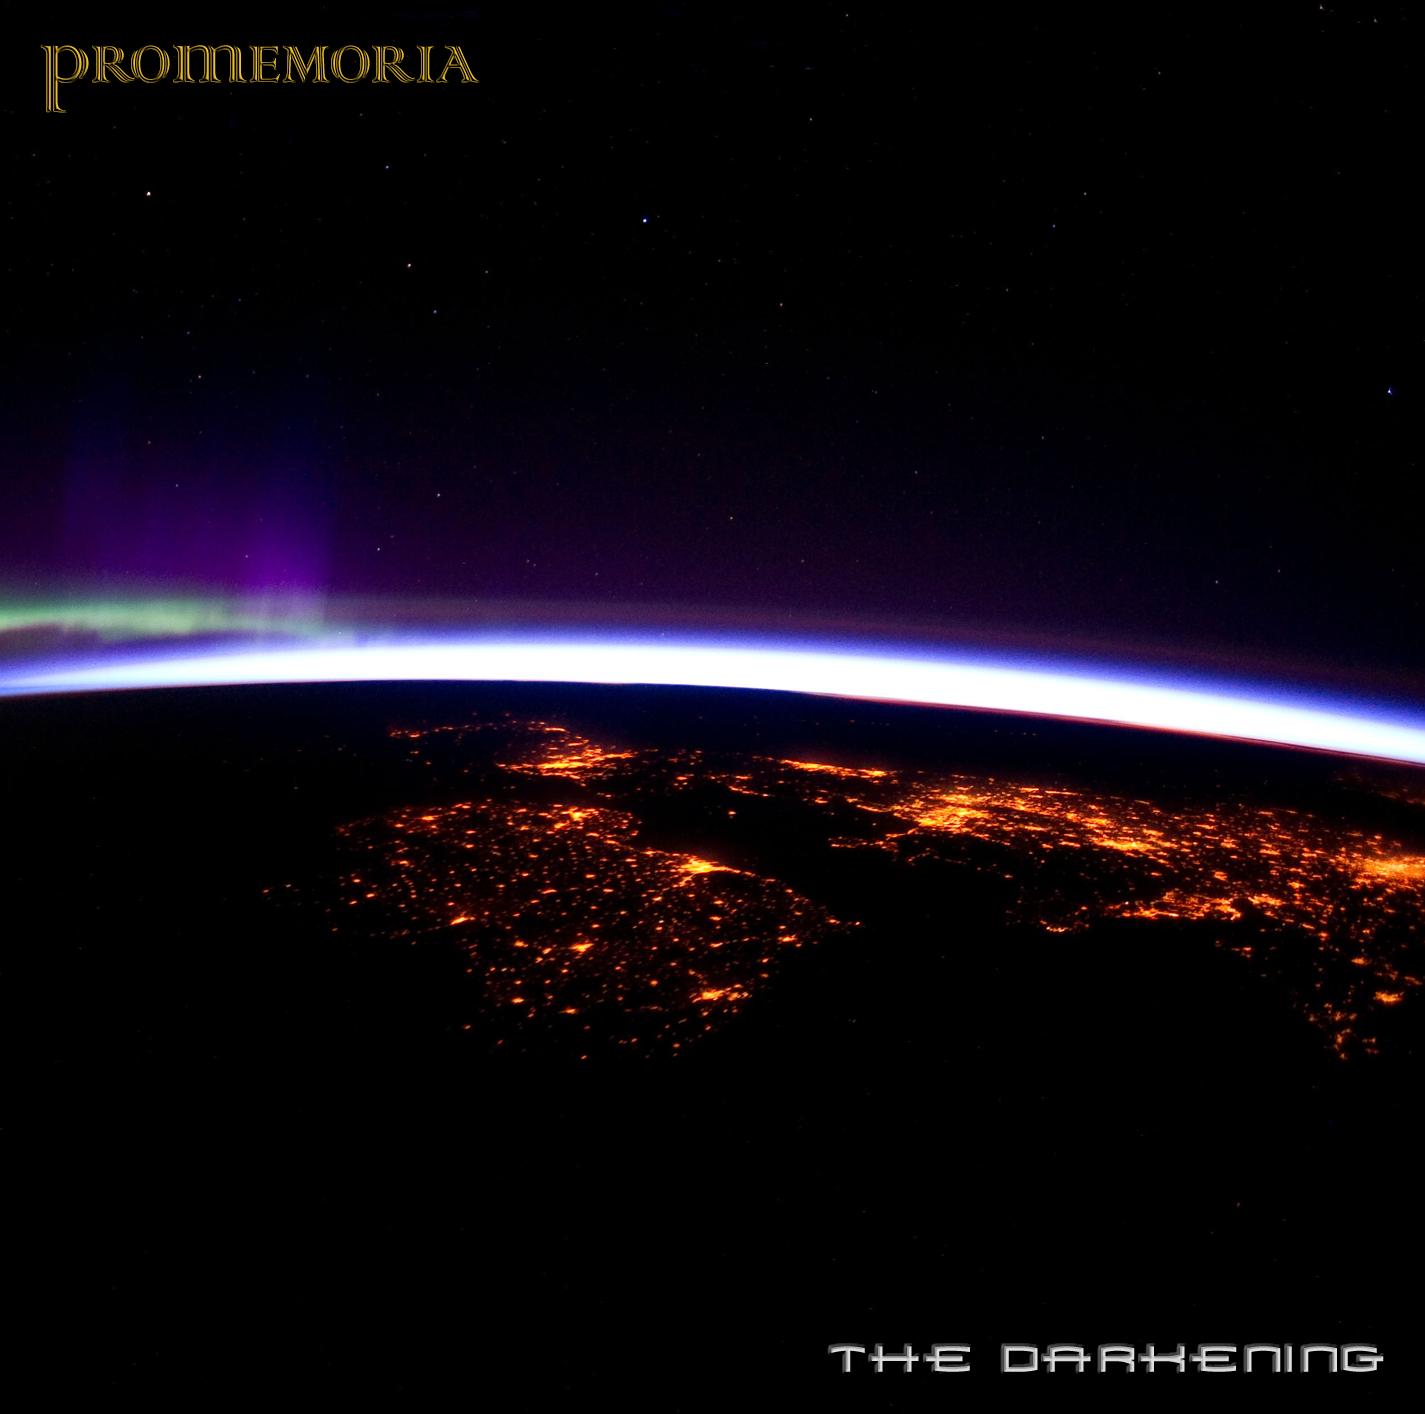 The Darkening  rem 2010